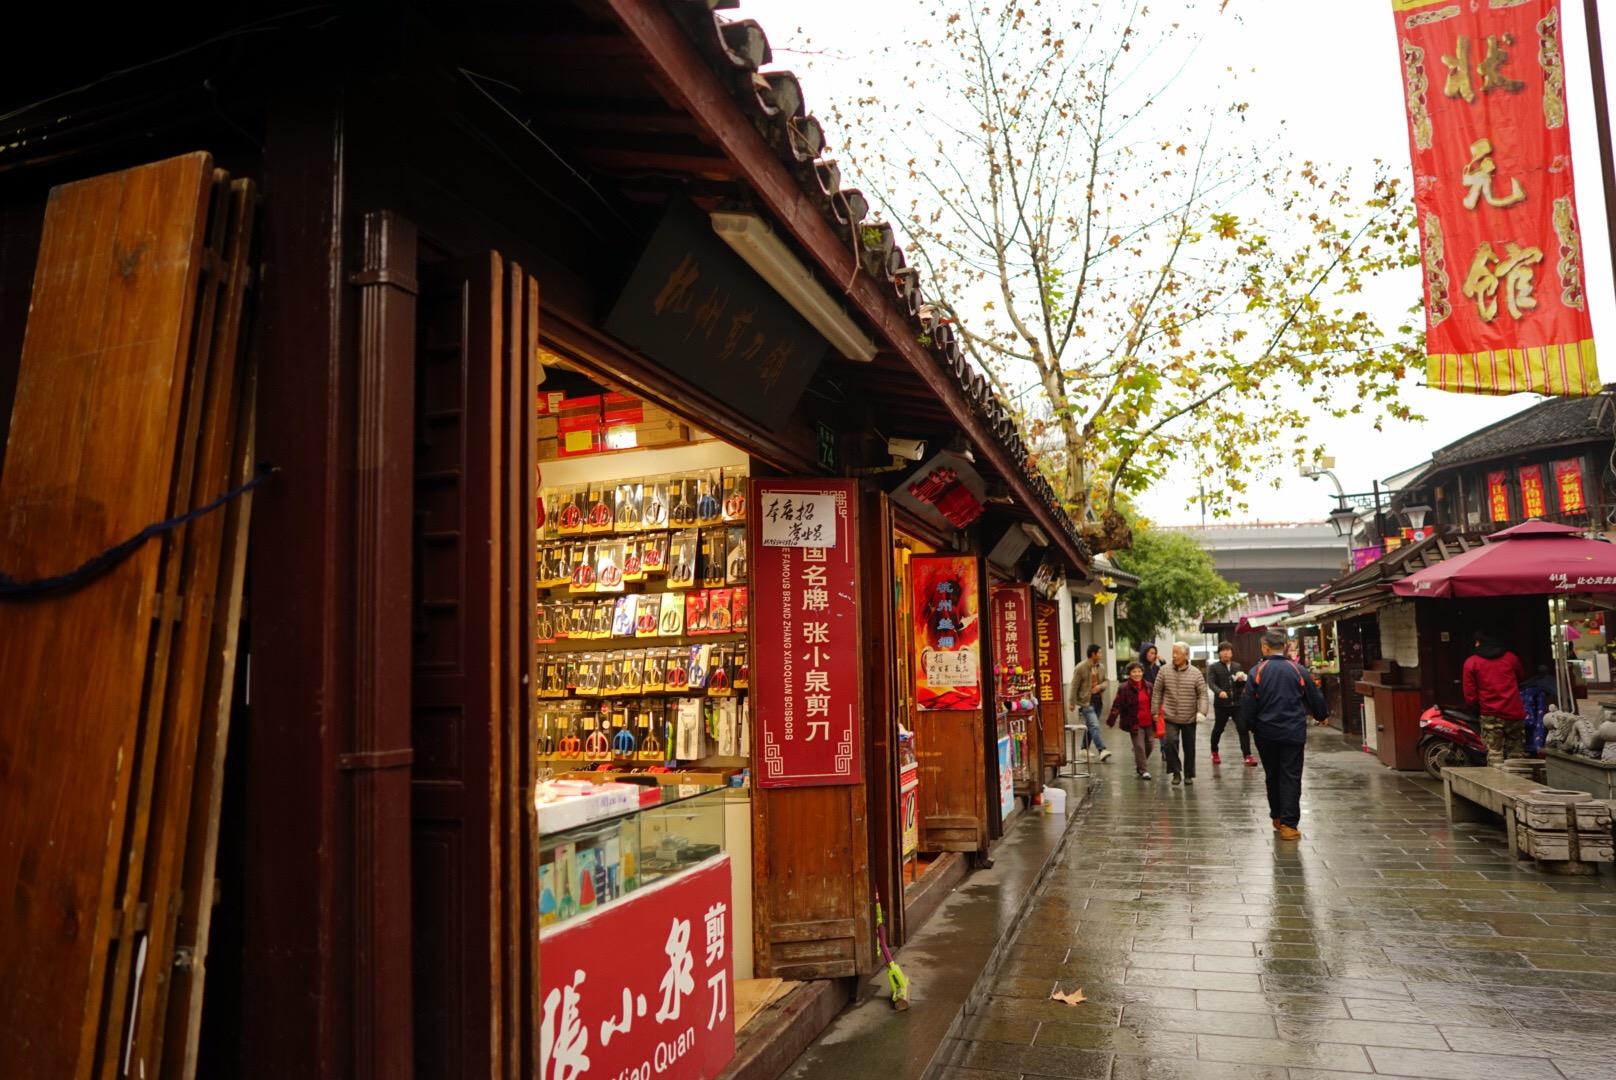 杭州の河坊街屋台ストリート